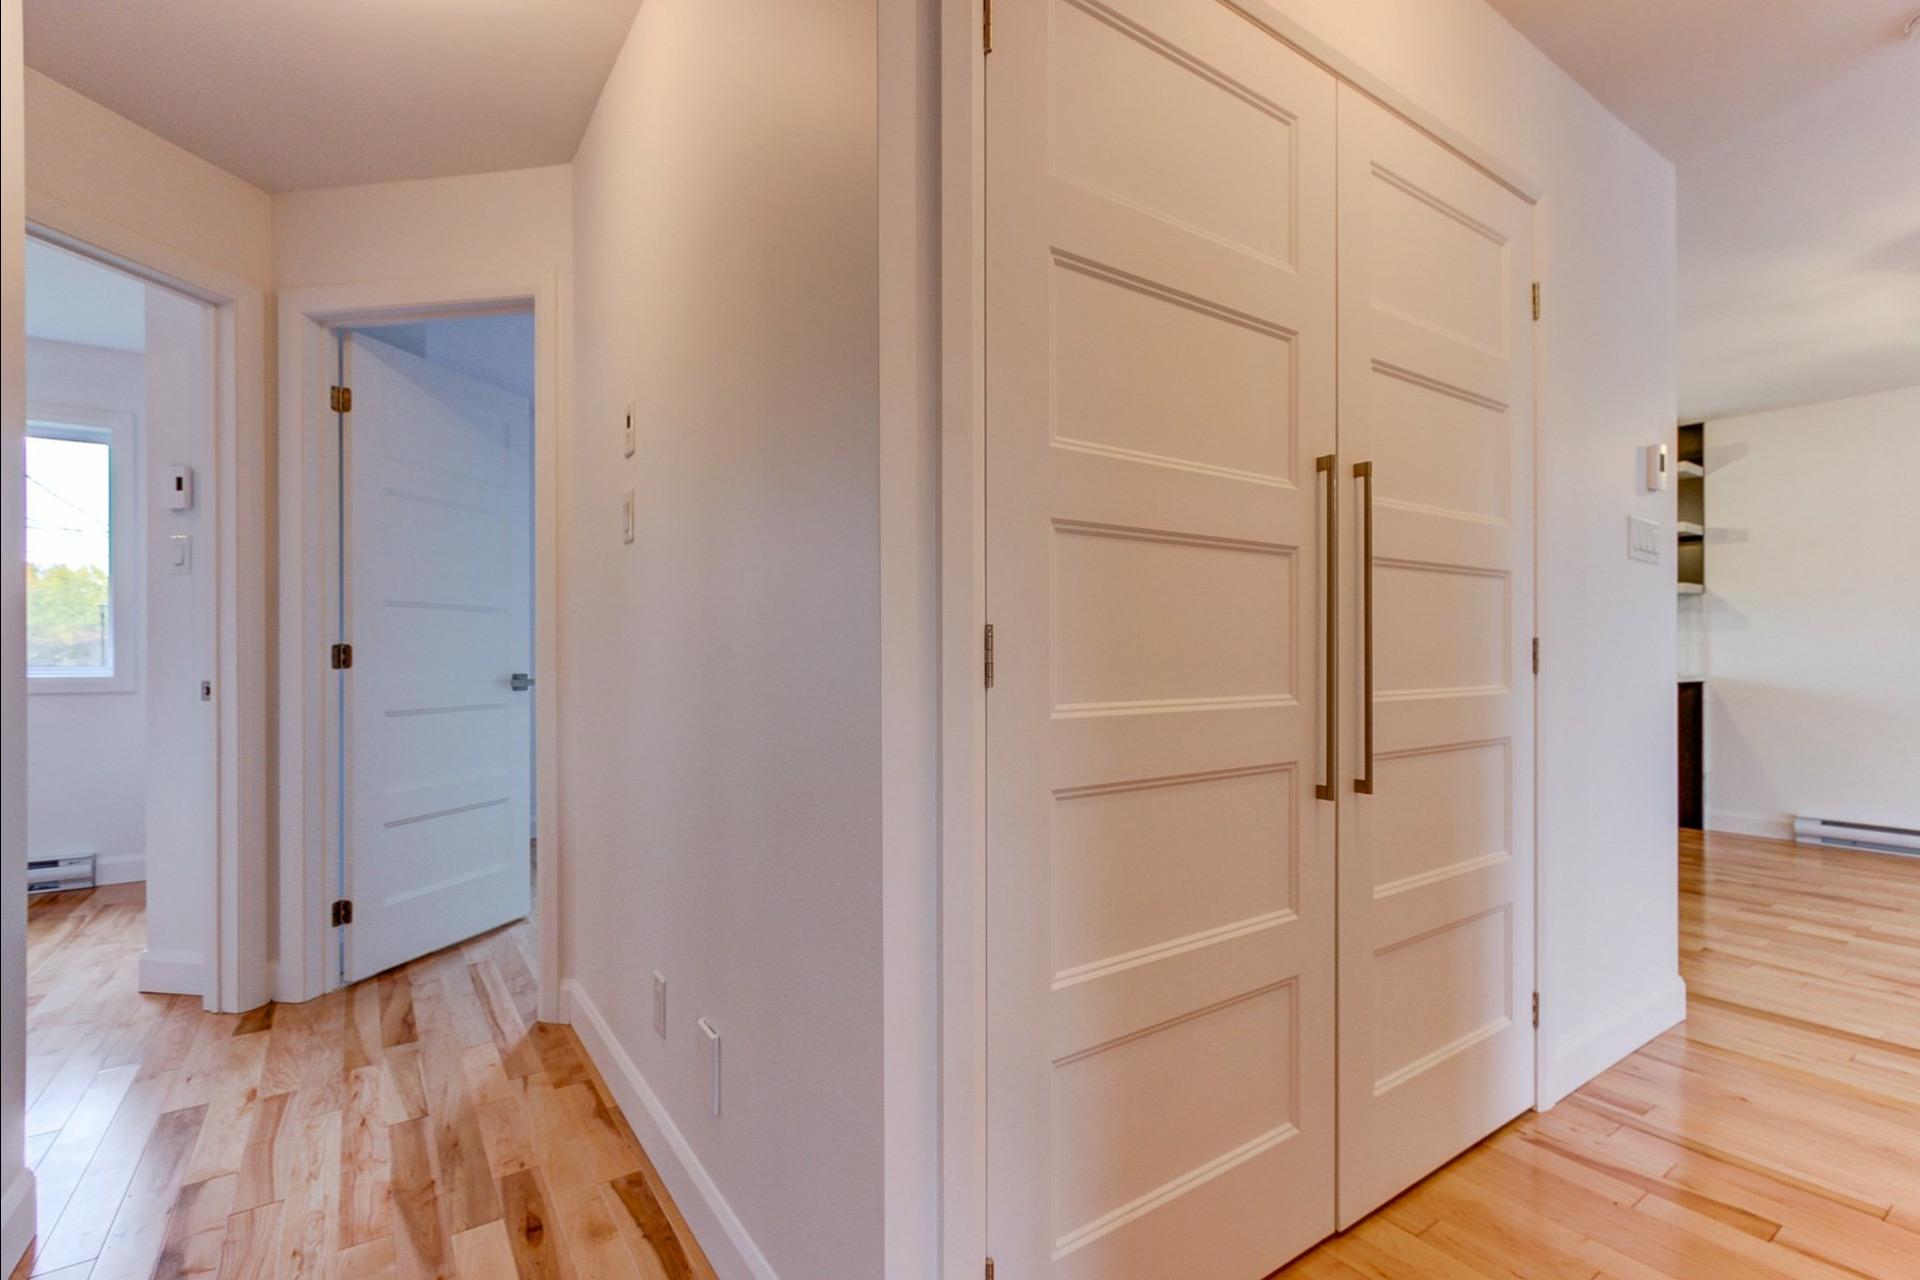 image 19 - Maison À vendre Trois-Rivières - 7 pièces